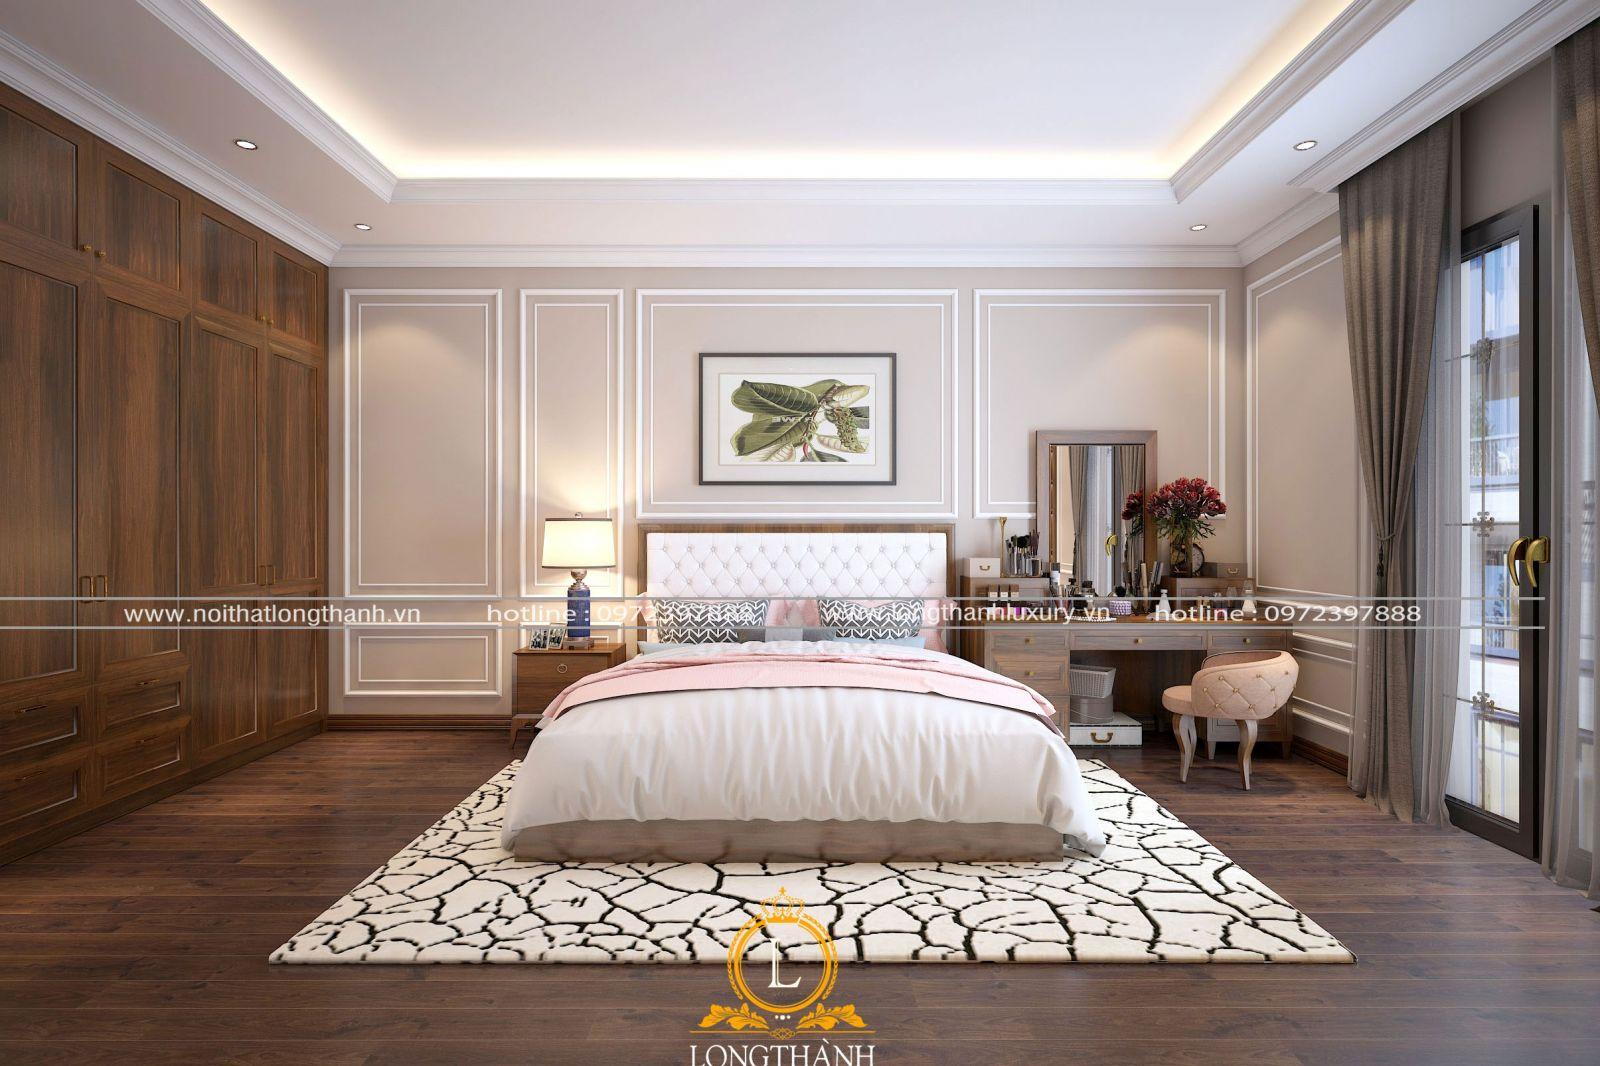 Chiếc giường ngủ chủ đạo trong không gian phòng ngủ